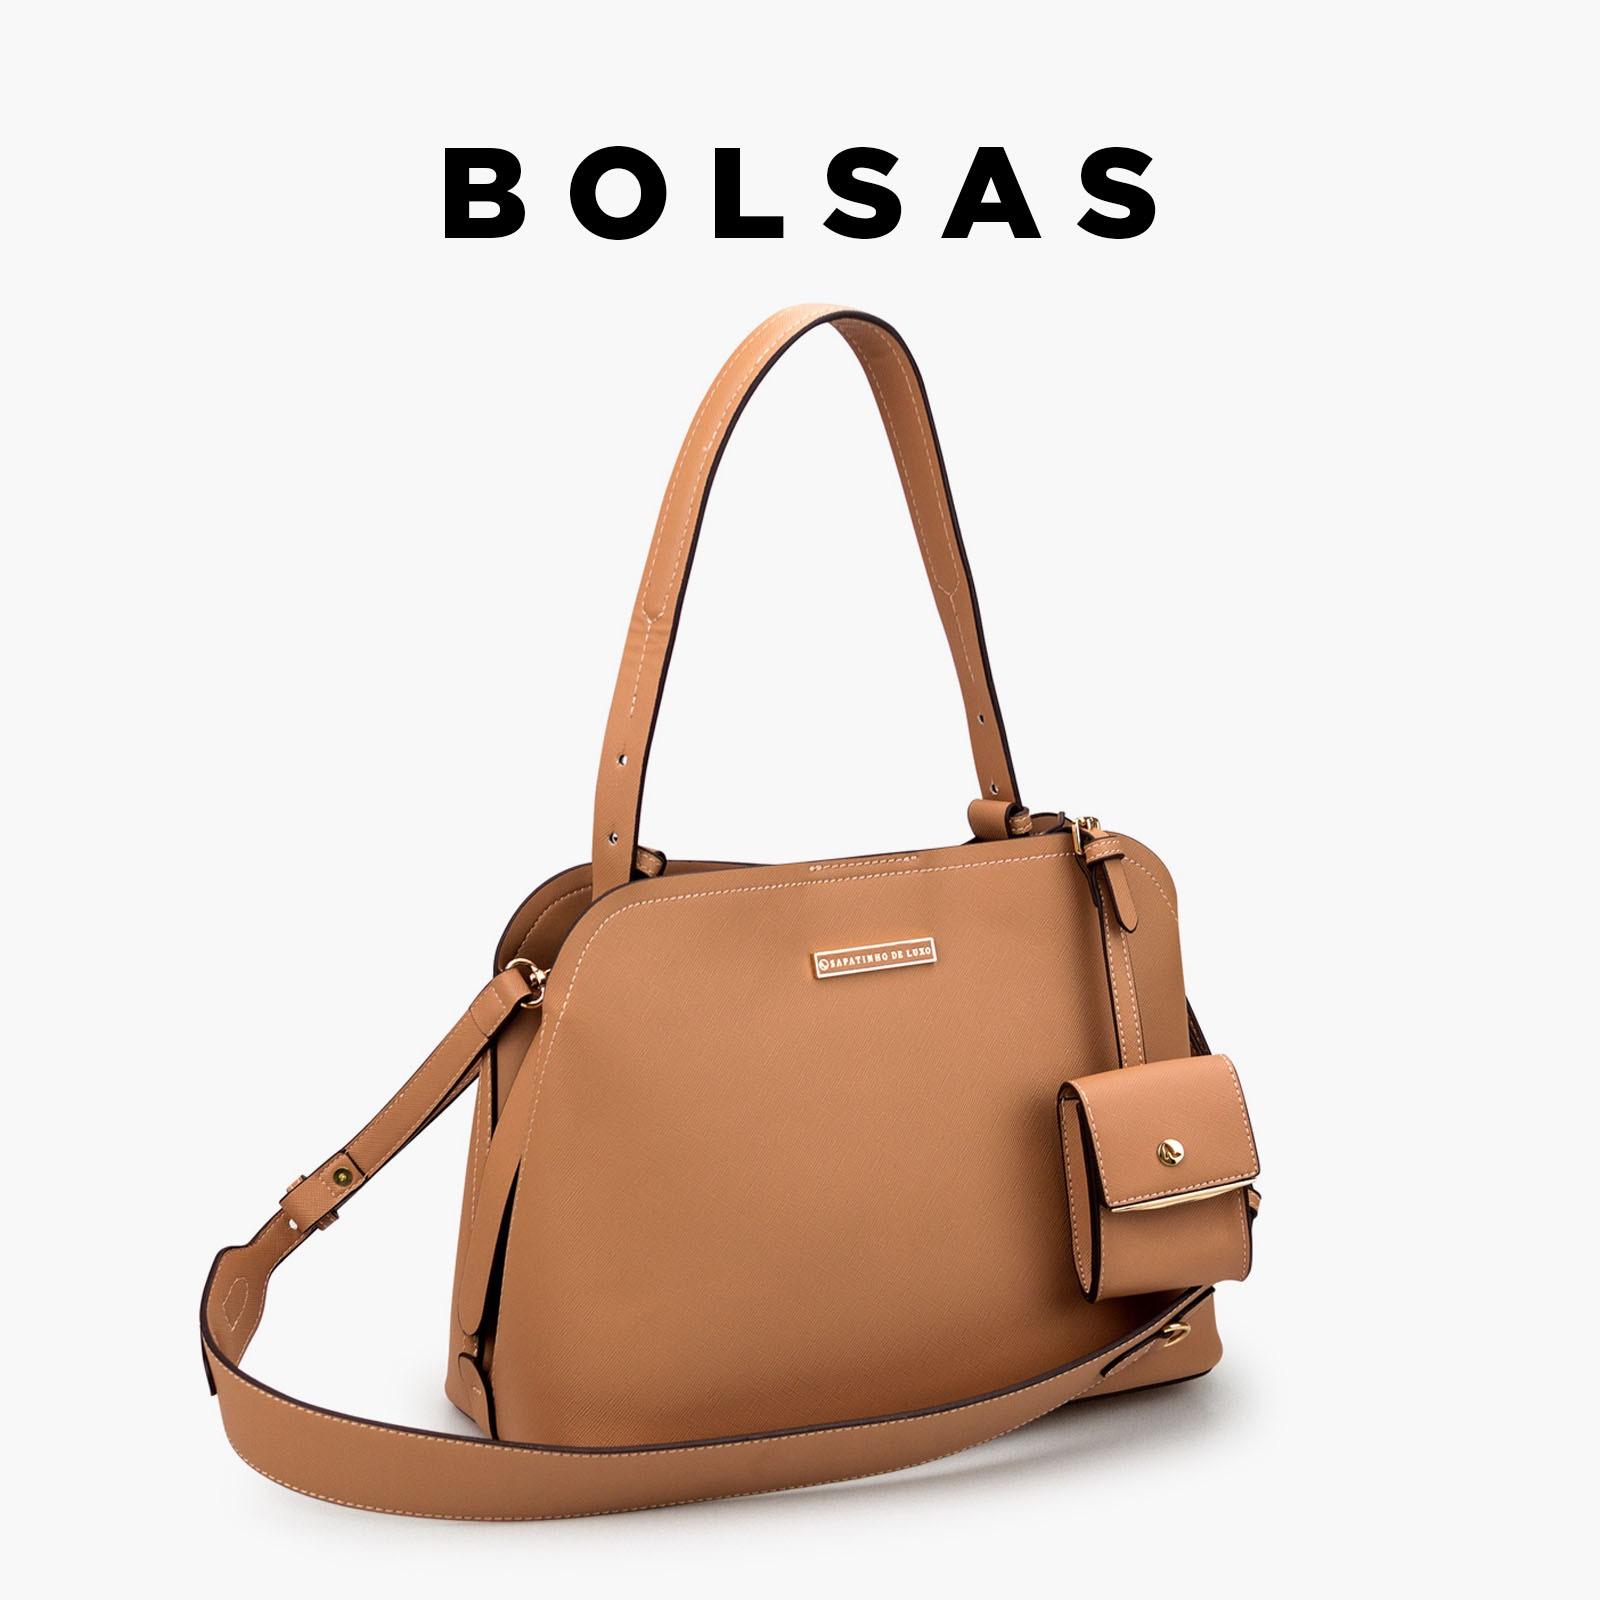 Bolsas-BannerG-1